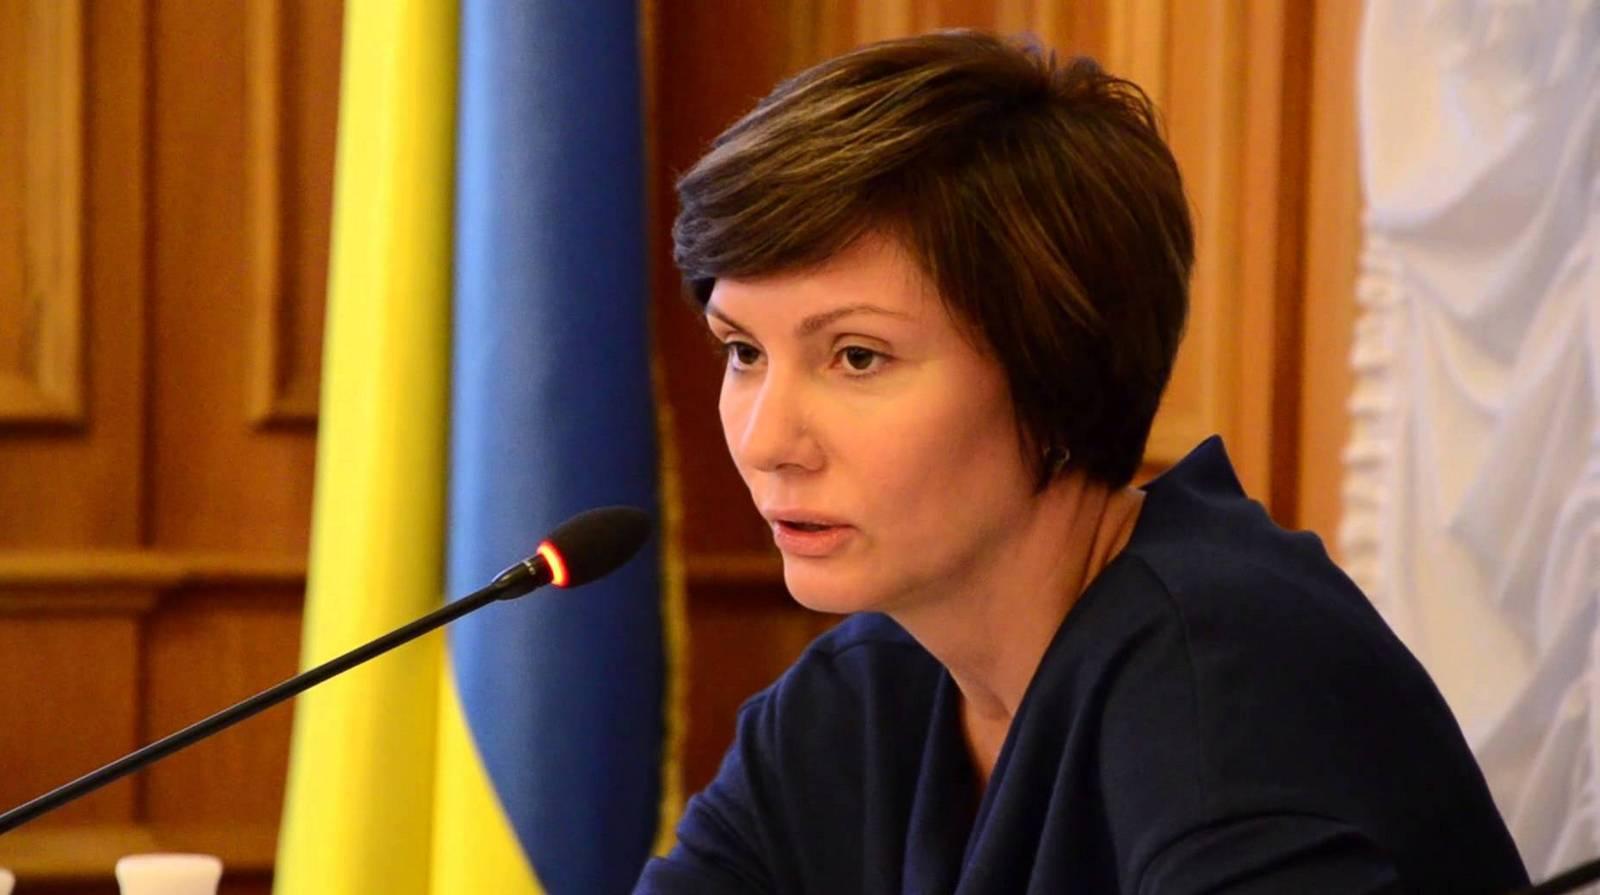 Лживая Бондаренко наговорилагадостей про Украину